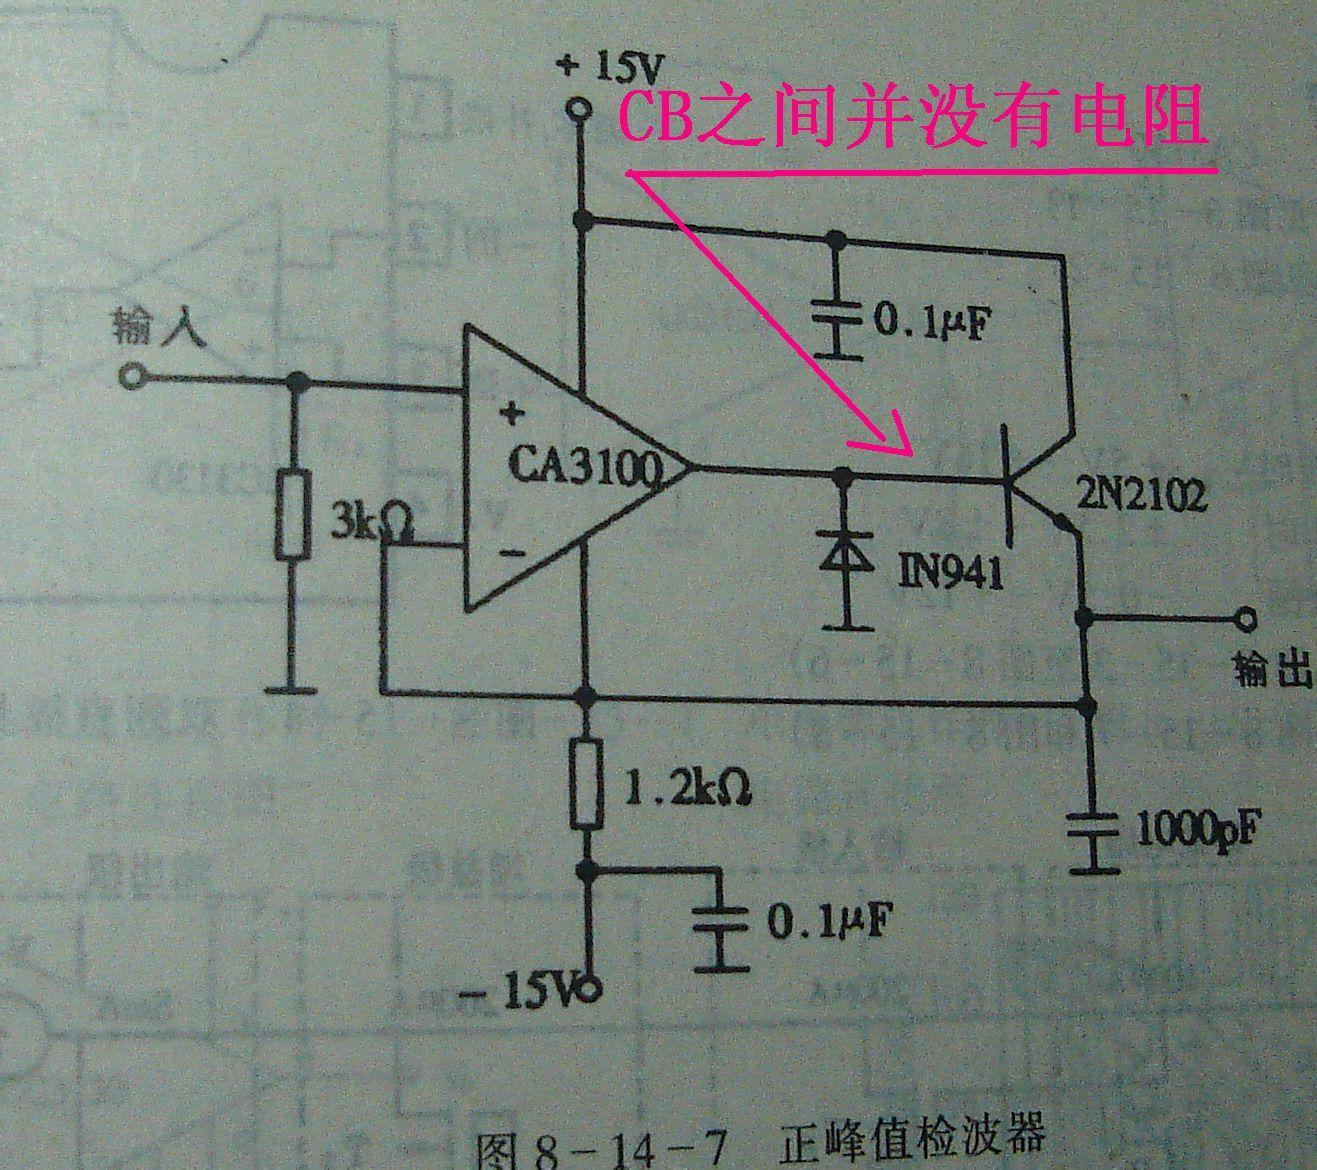 三极管必须加入偏置电阻和负载电阻吗,什么情况才需要